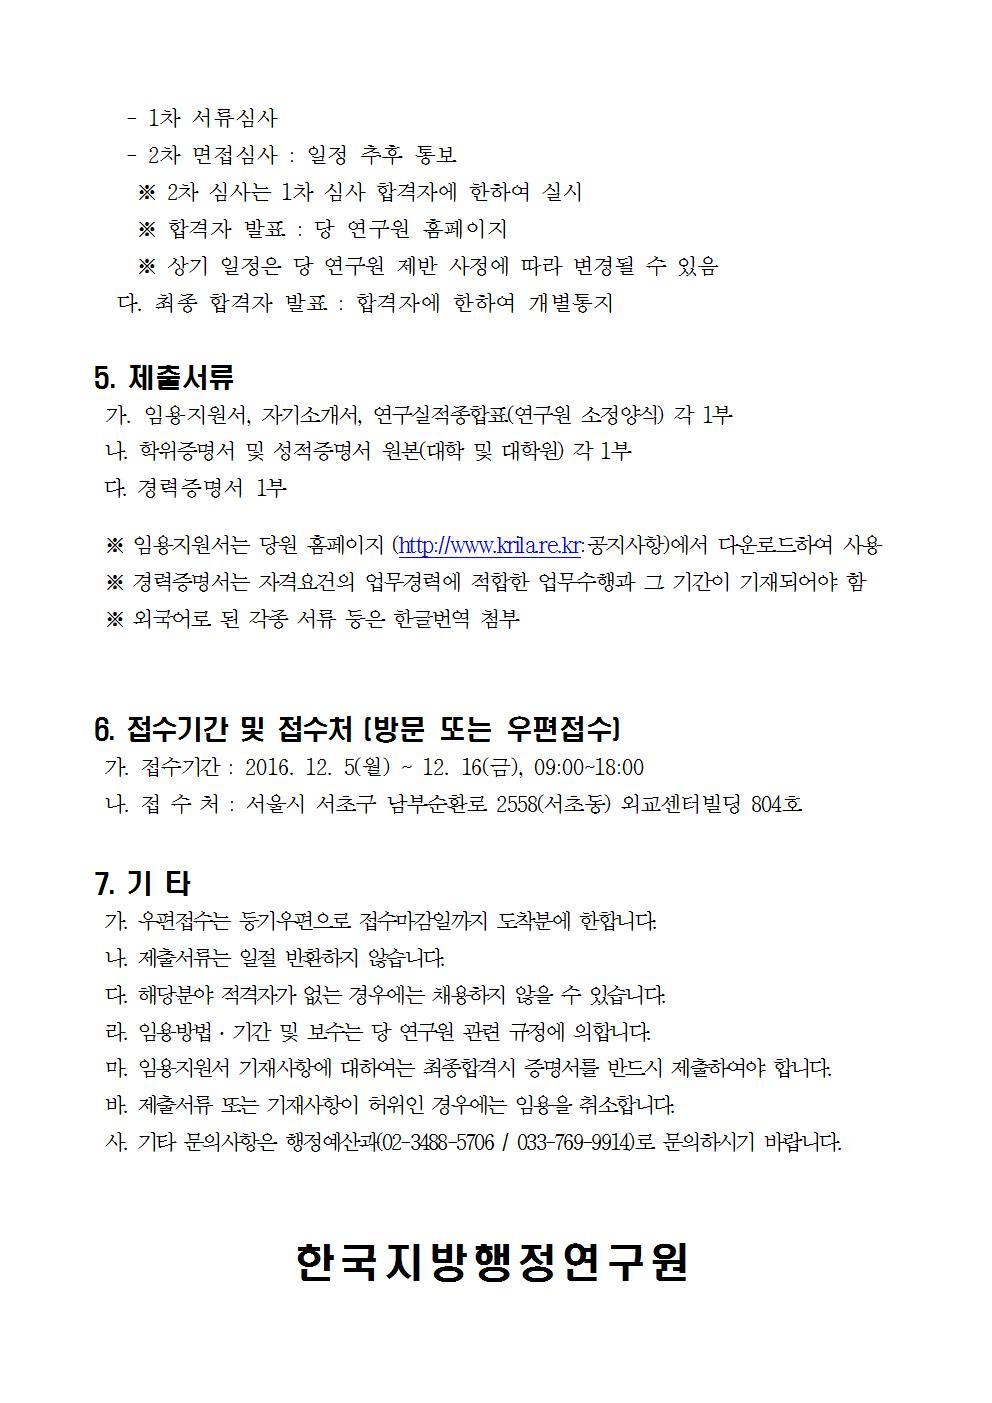 한국행정연구원채용1002.jpg